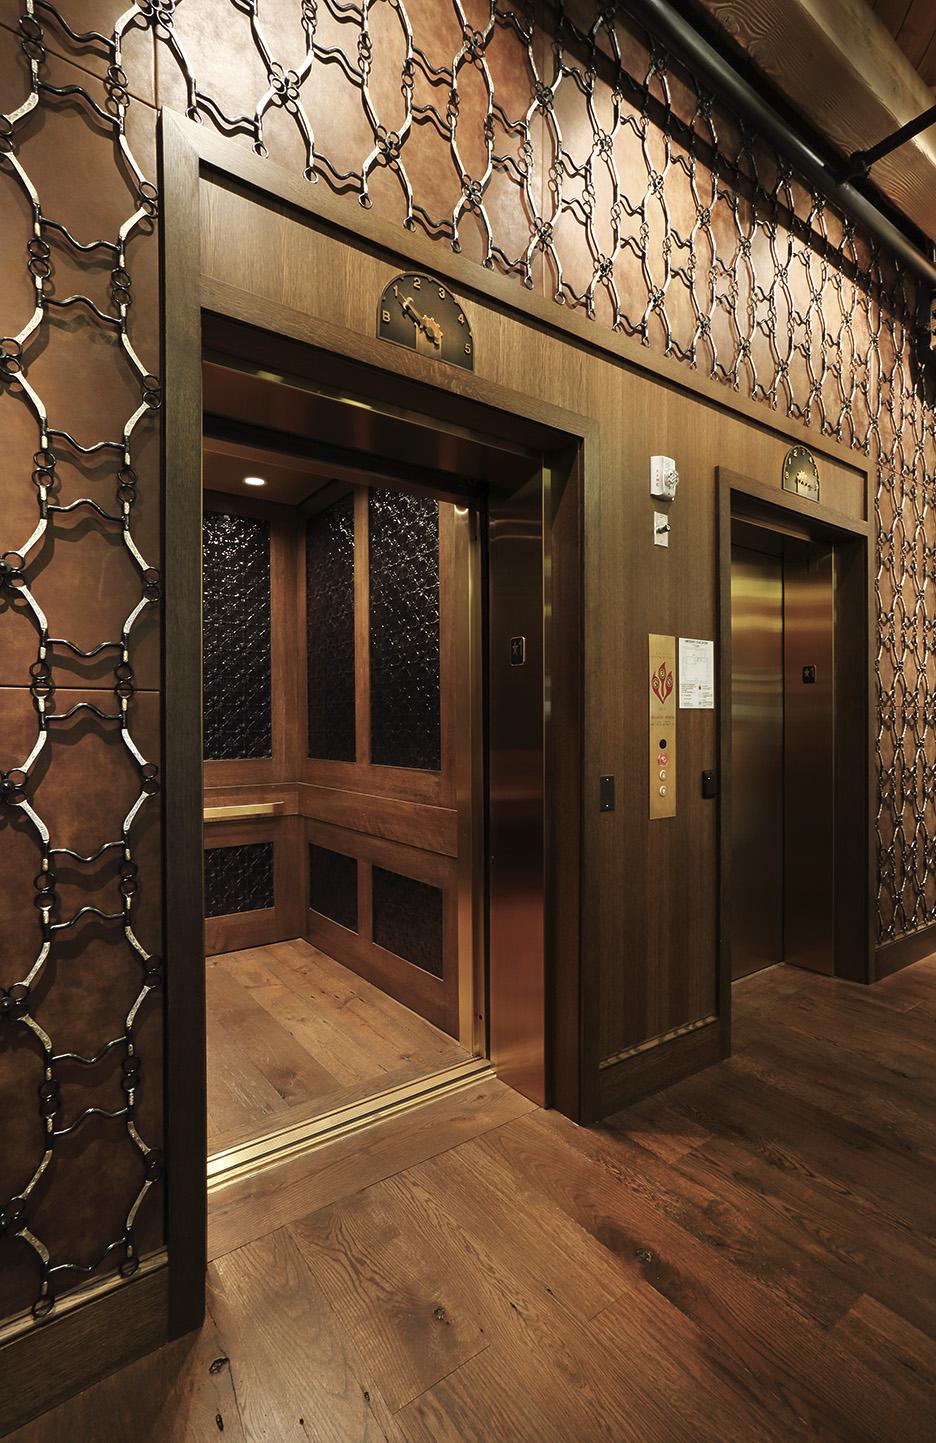 saddlery_elevators